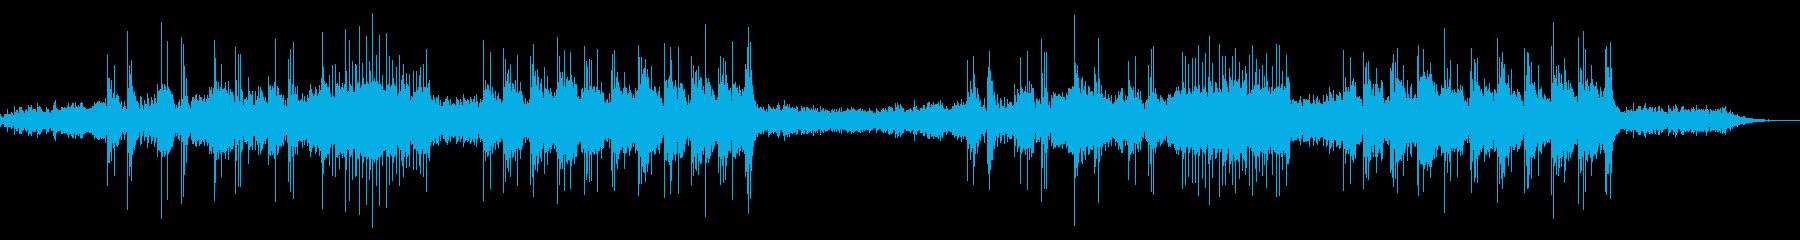 電子頭脳の見る夢の音楽の再生済みの波形